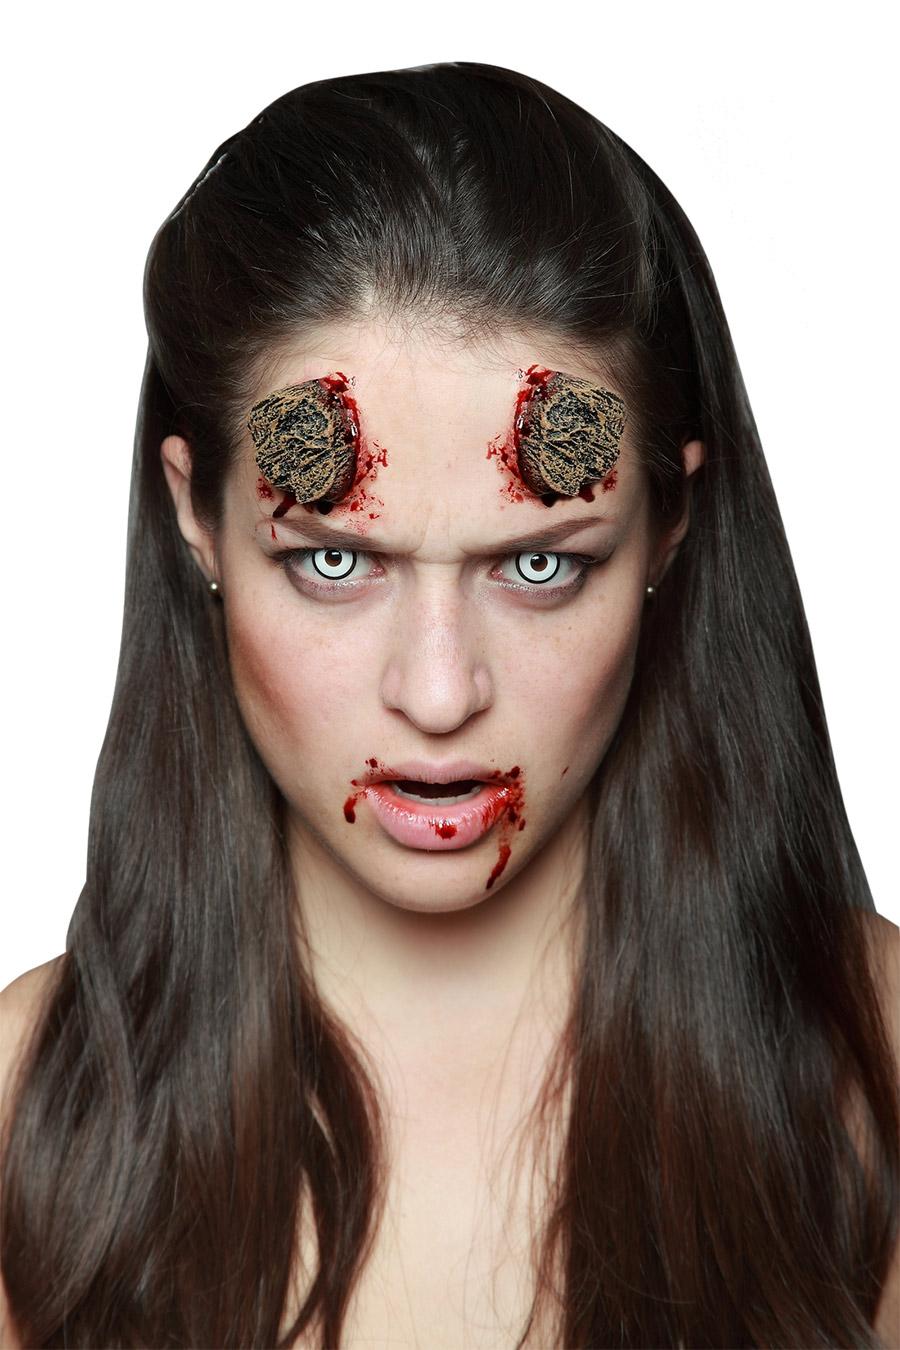 Trucco Halloween: finte corna tagliate: Trucco,e vestiti ...